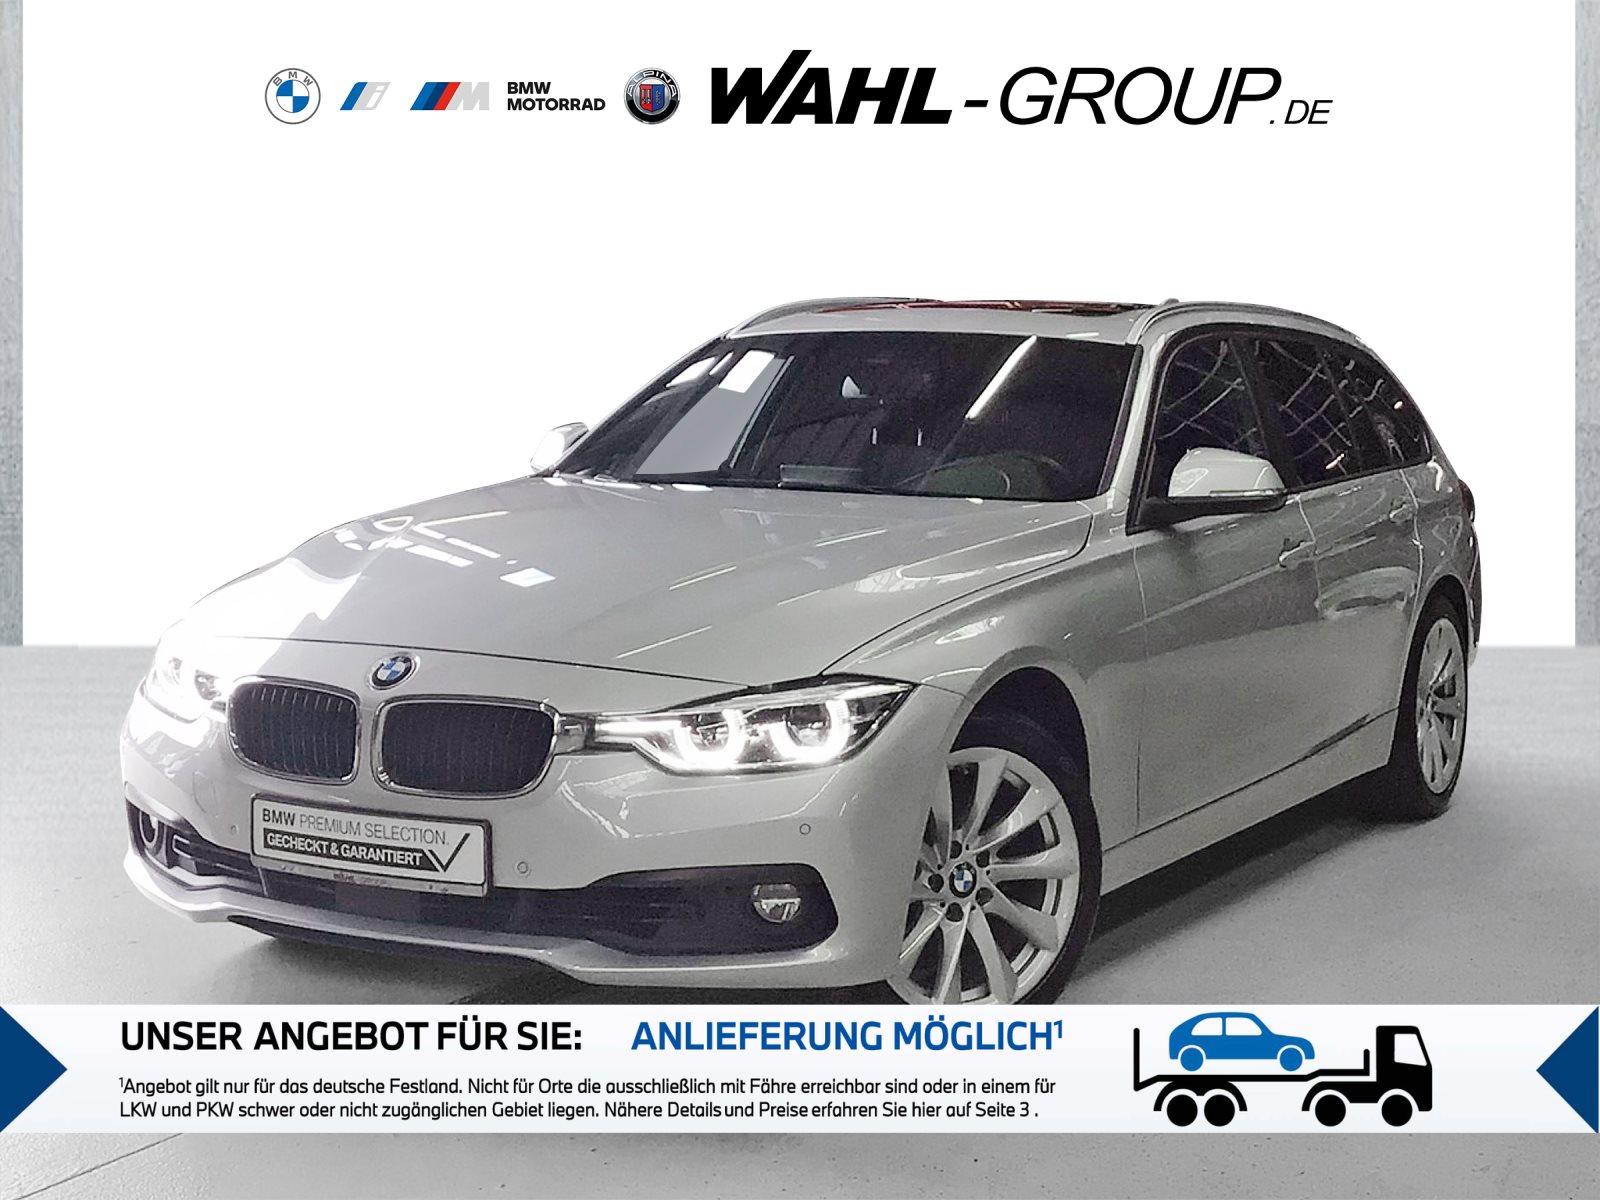 BMW 330d xDrive Touring Aut. Advantage Pano-Dach LED PDC, Jahr 2018, Diesel